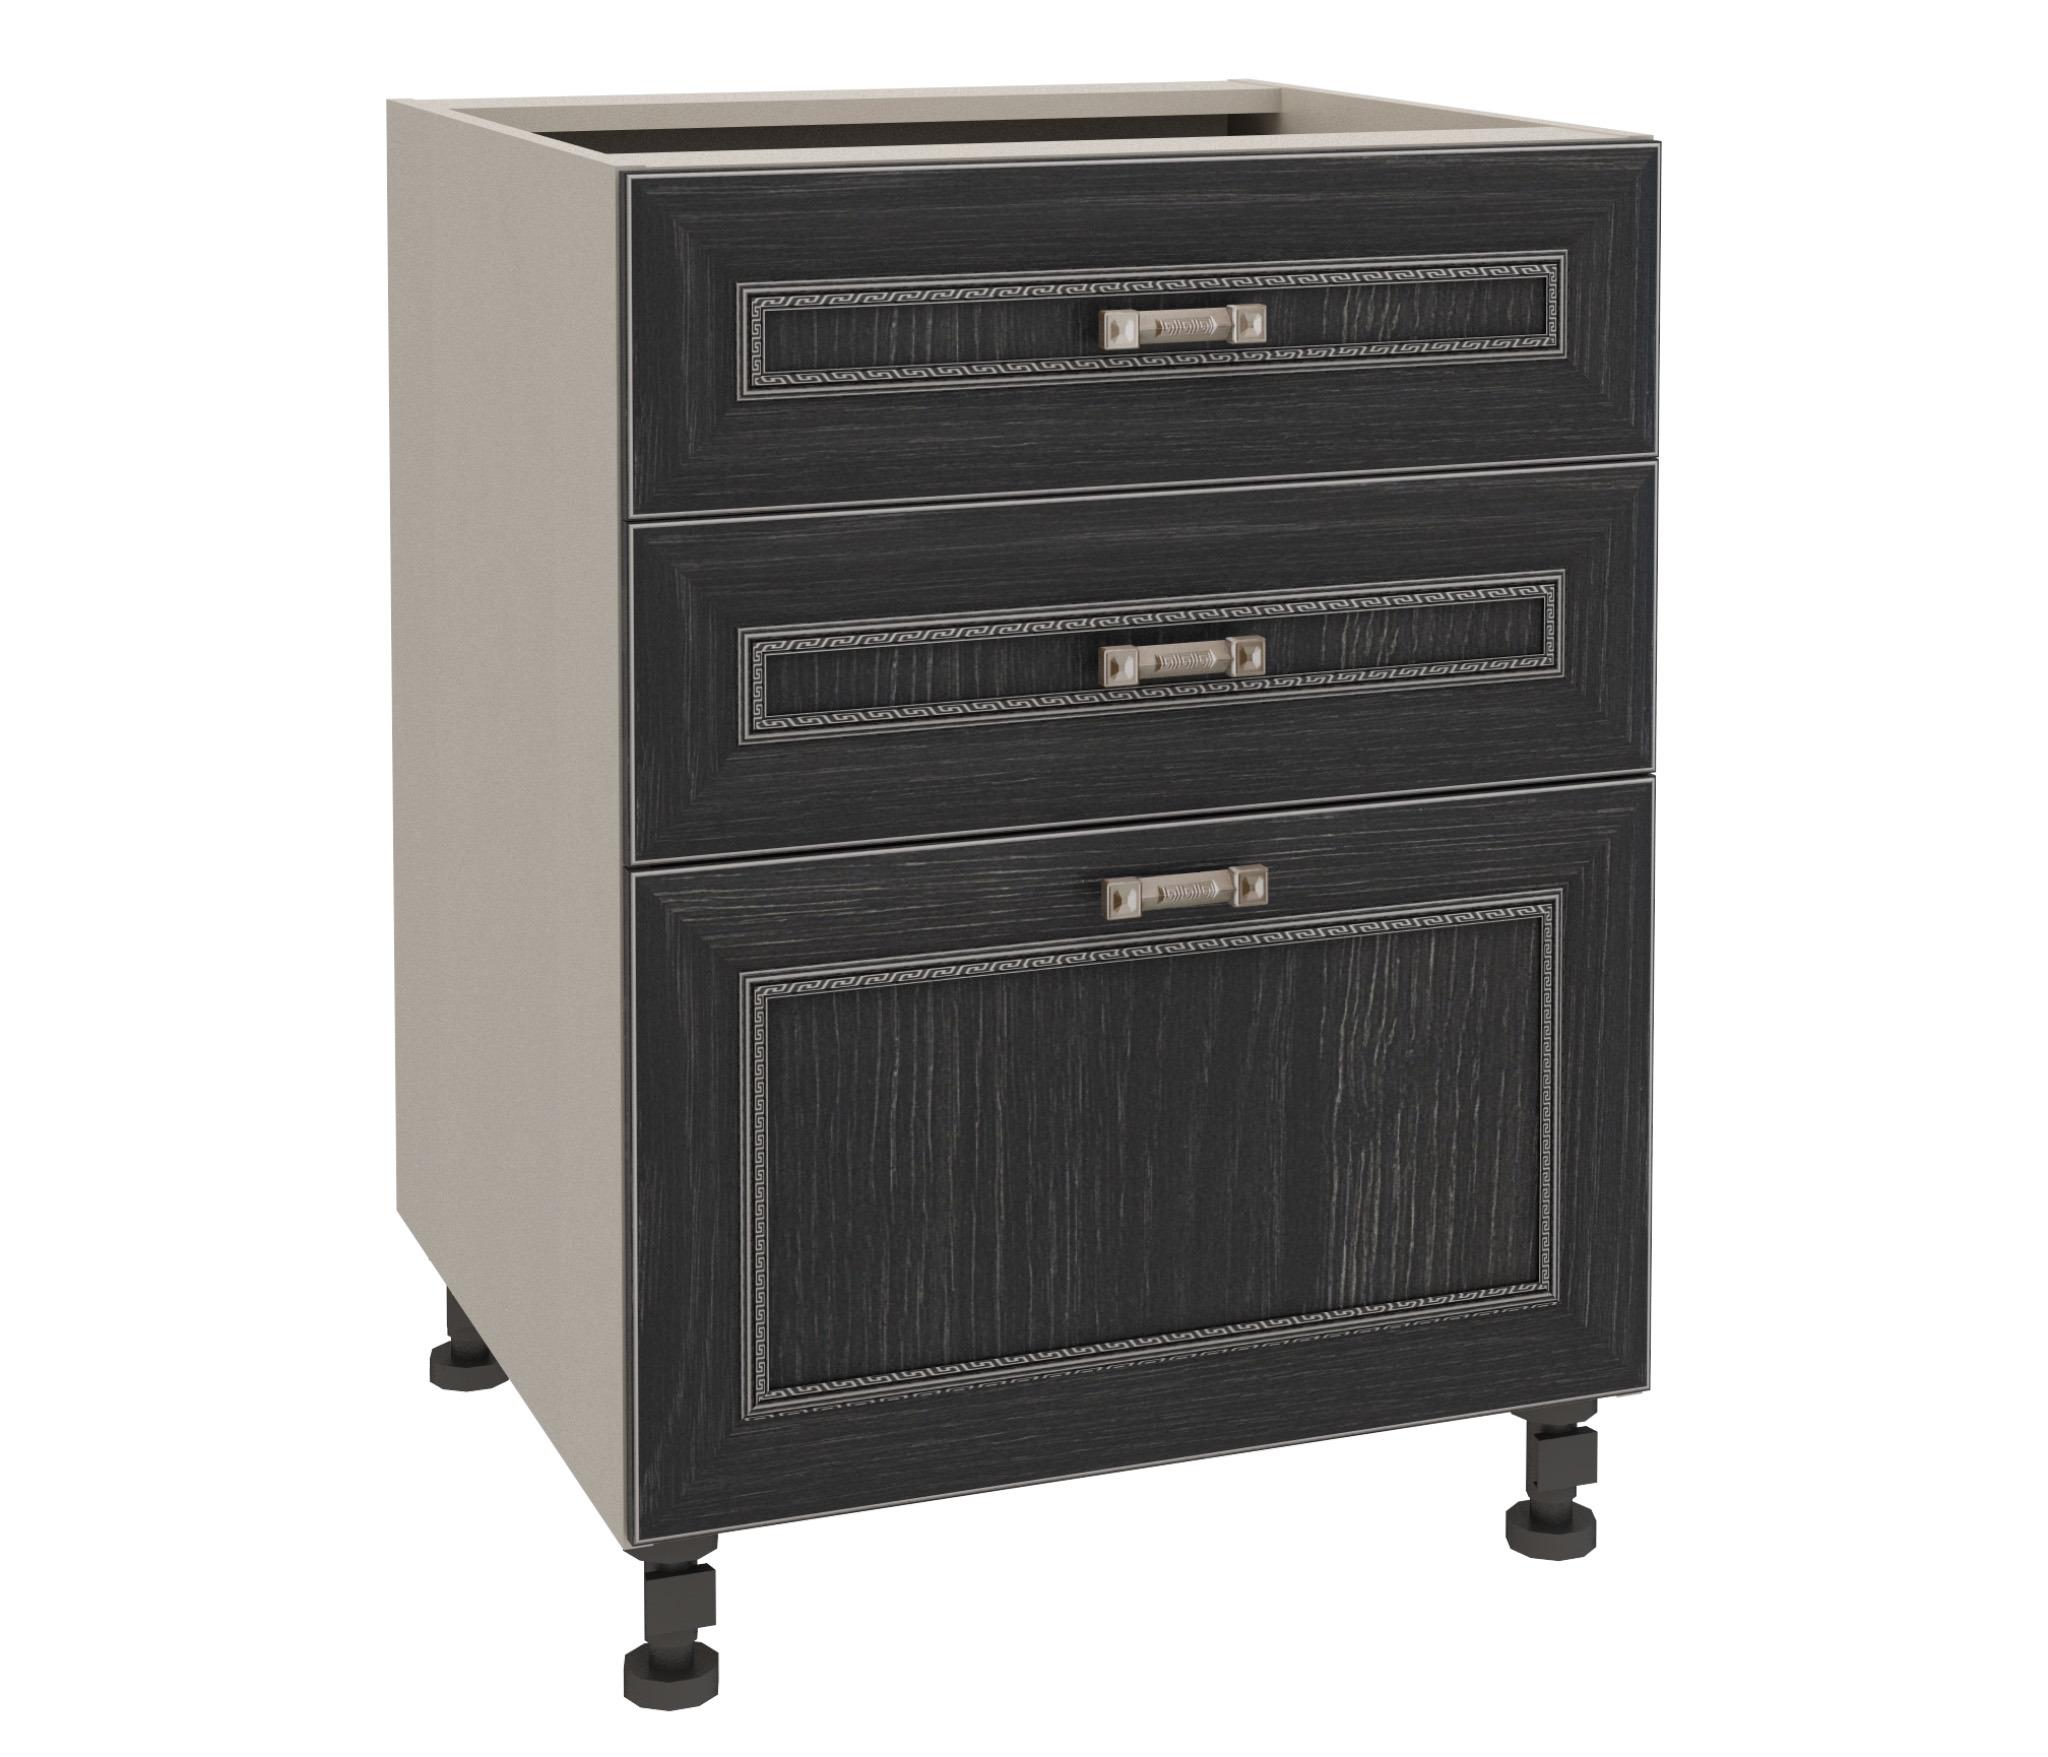 Регина РСЯ-360 Стол с ящикамиМебель для кухни<br>Регина РСЯ-360 Стол с ящиками   очень важная составляющая любой кухни. Здесь вы сможете разместить посуду, мелкую бытовую технику, продукты. Этот элемент мебели удачно дополняется любым приставным столом или подвесным шкафом (с витриной или непрозрачной дверцей, зависит от ваших предпочтений) из этой же серии, что позволит вам создать свою неповторимую кухню. Отдельно советуем приобрести столешницу, которая объединит разрозненные элементы коллекции в единое целое. Кухонная мебель  Регина  изготавливается из прессованной древесины с ламинированным покрытием. Такой способ обработки наделяет поверхность отличными защитными качествами.<br><br>Длина мм: 600<br>Высота мм: 820<br>Глубина мм: 563